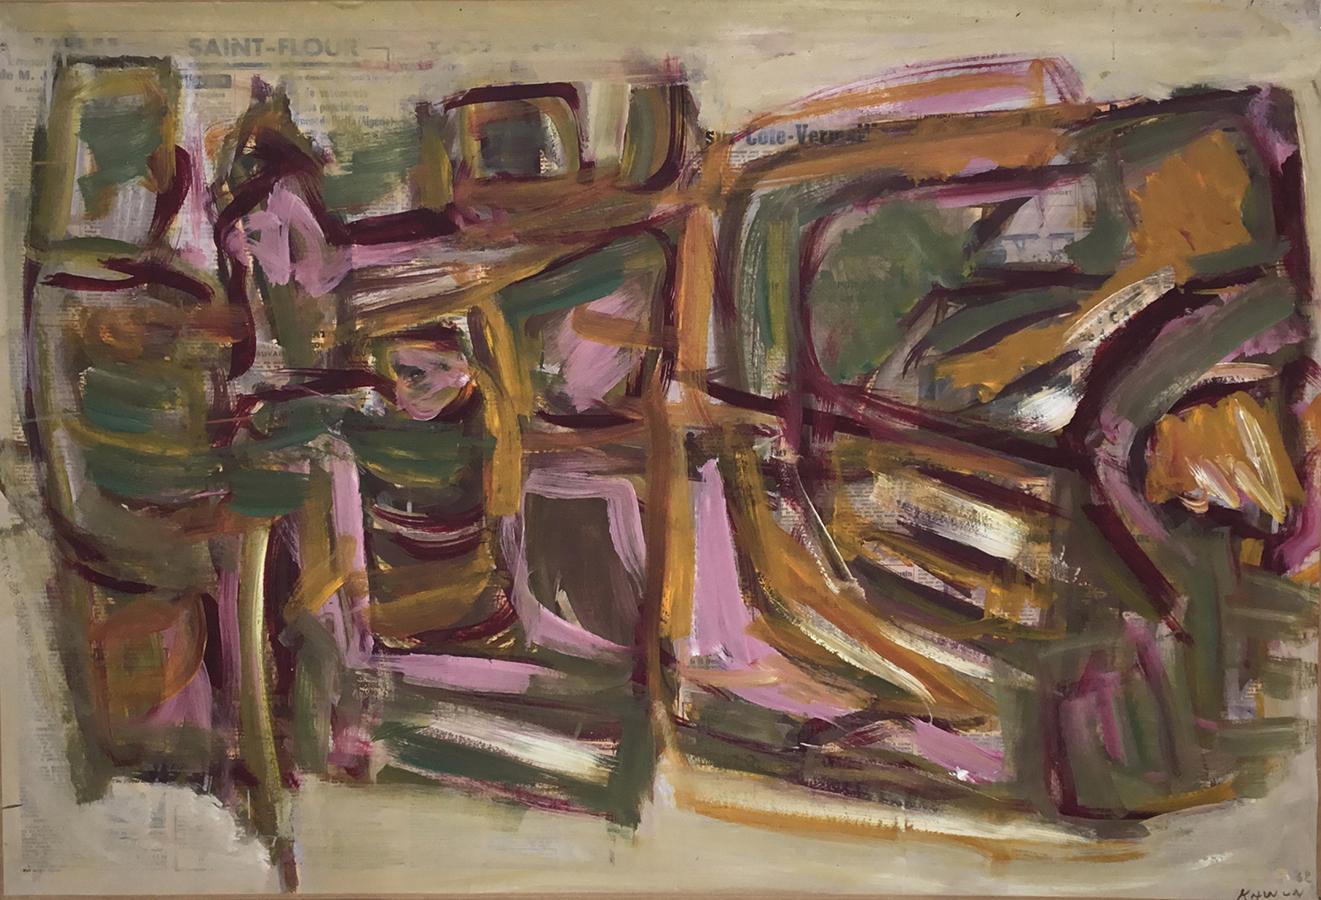 Sans titre 1962 huile/papier journal marouflé sur toile 59 x 86 cm